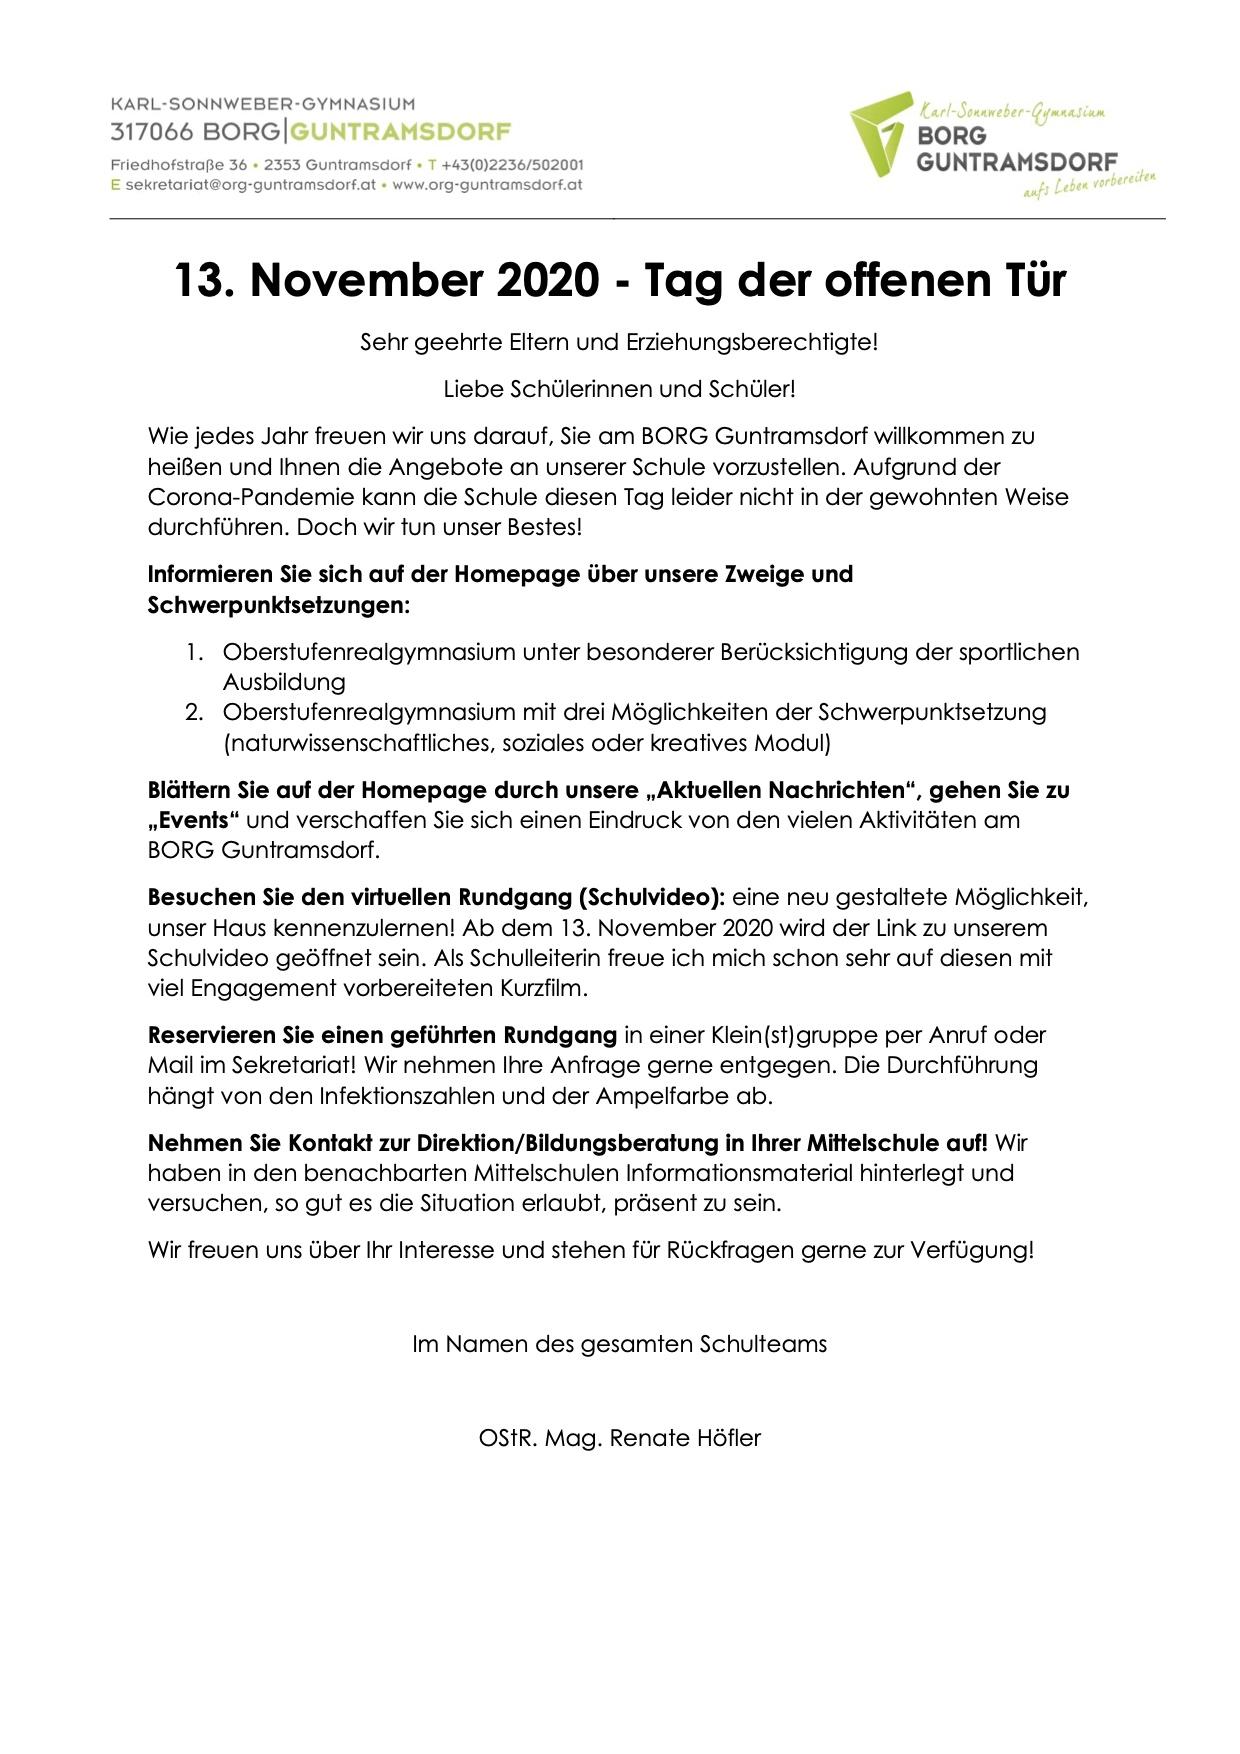 Tag der offenen Tür am 13. November 2020